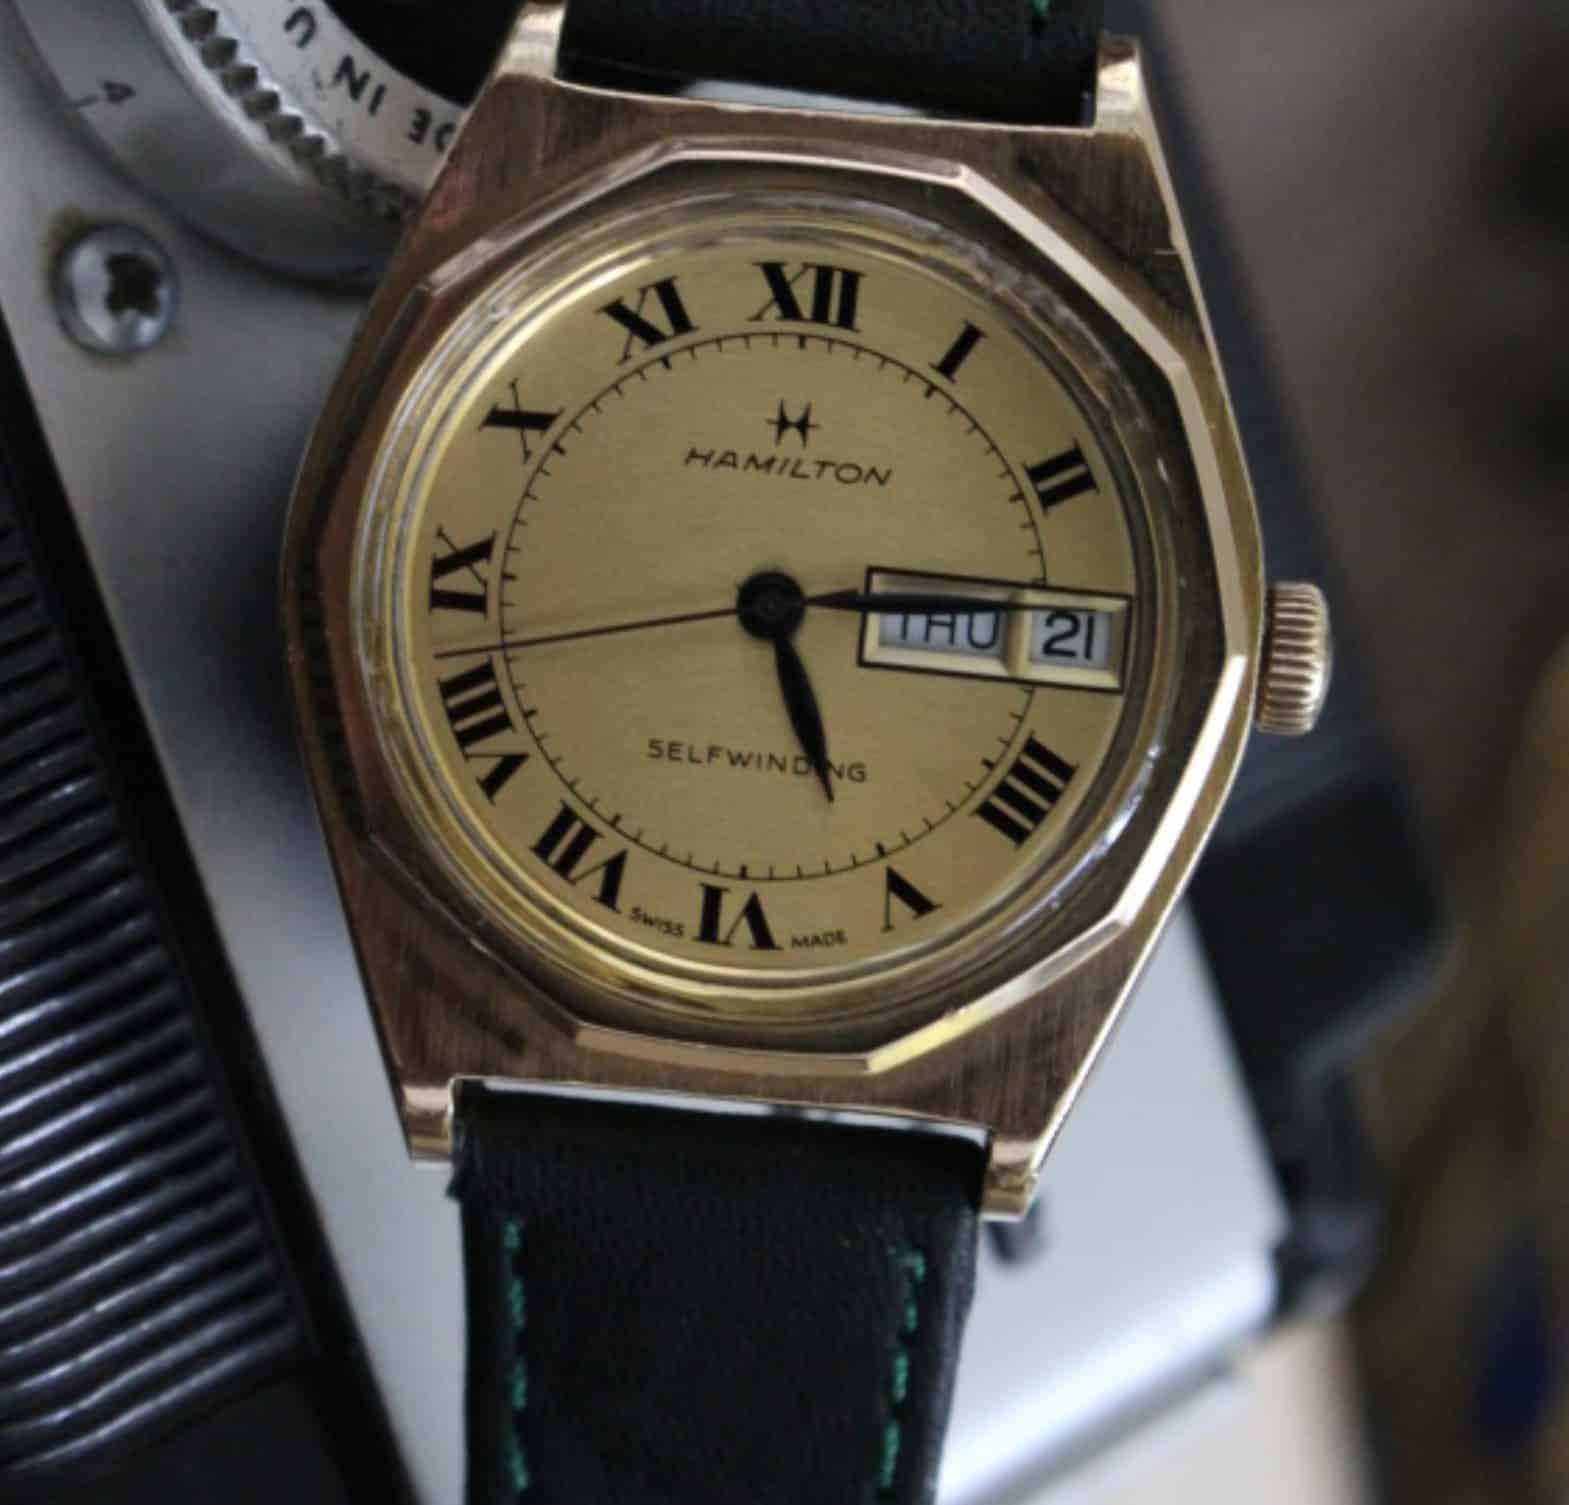 Die alte Automatik-Uhr von Hamilton kombiniert die Gestaltungselemente von Gérald Genta. Kreis, Achteck und Tonneau-Gehäuse.